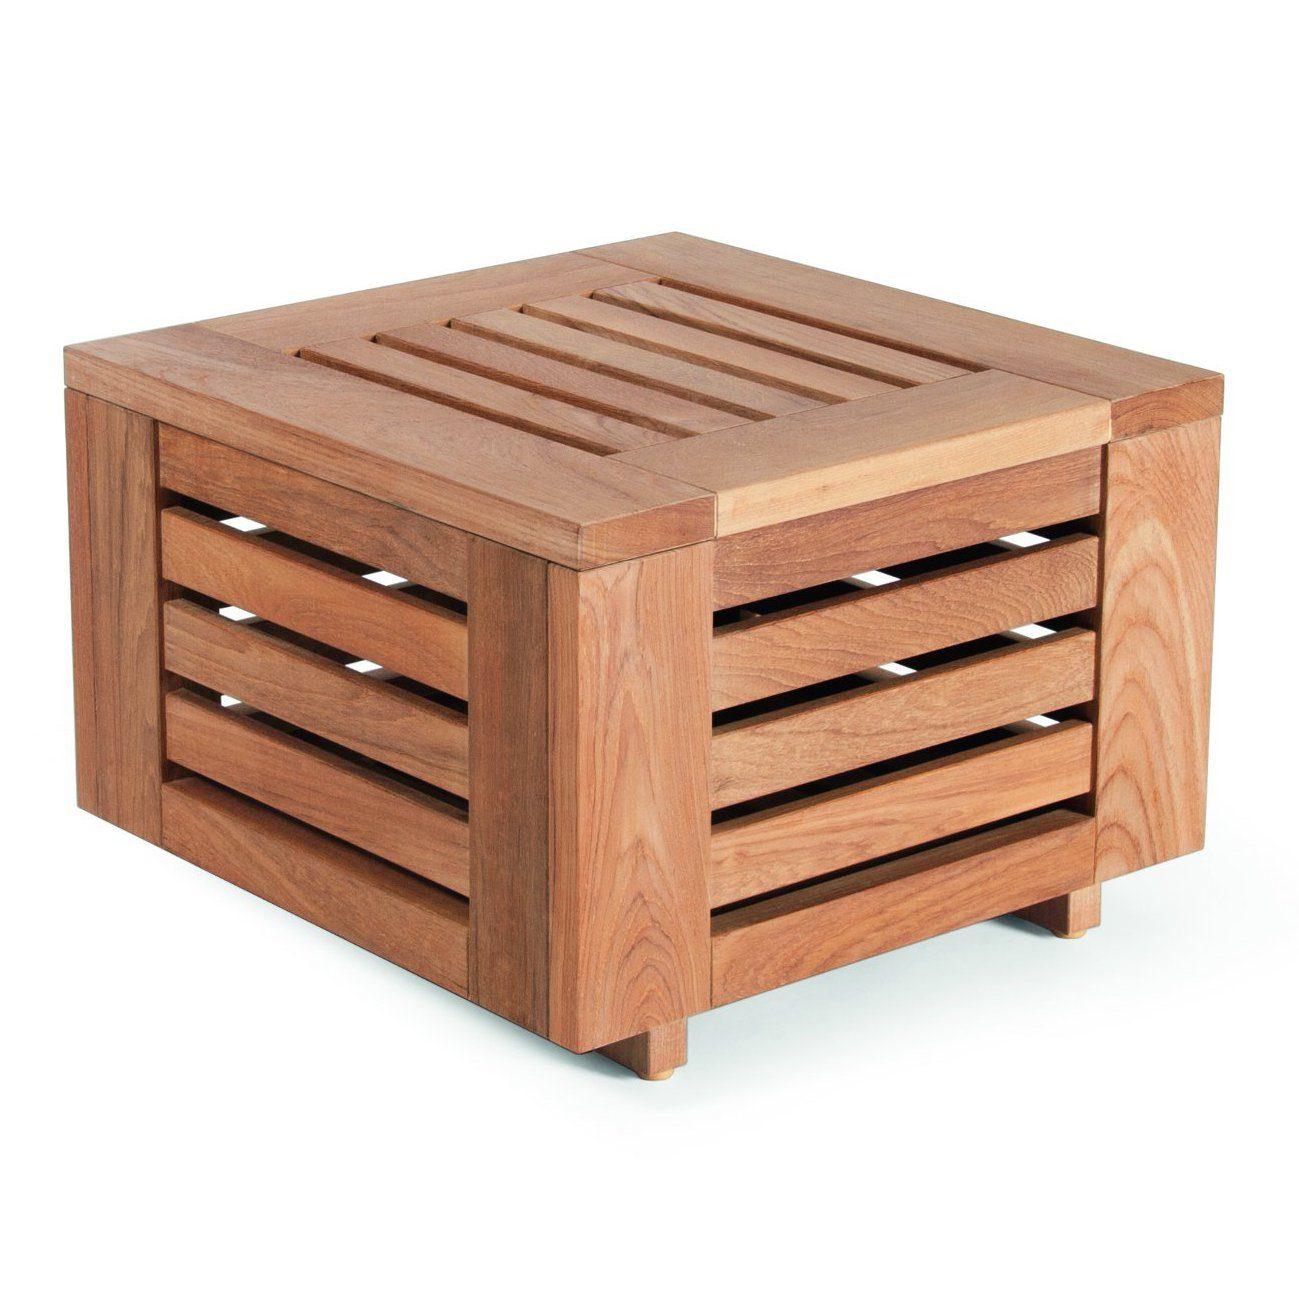 Falsterbo sidobord i teak med måtten 51x51 cm.